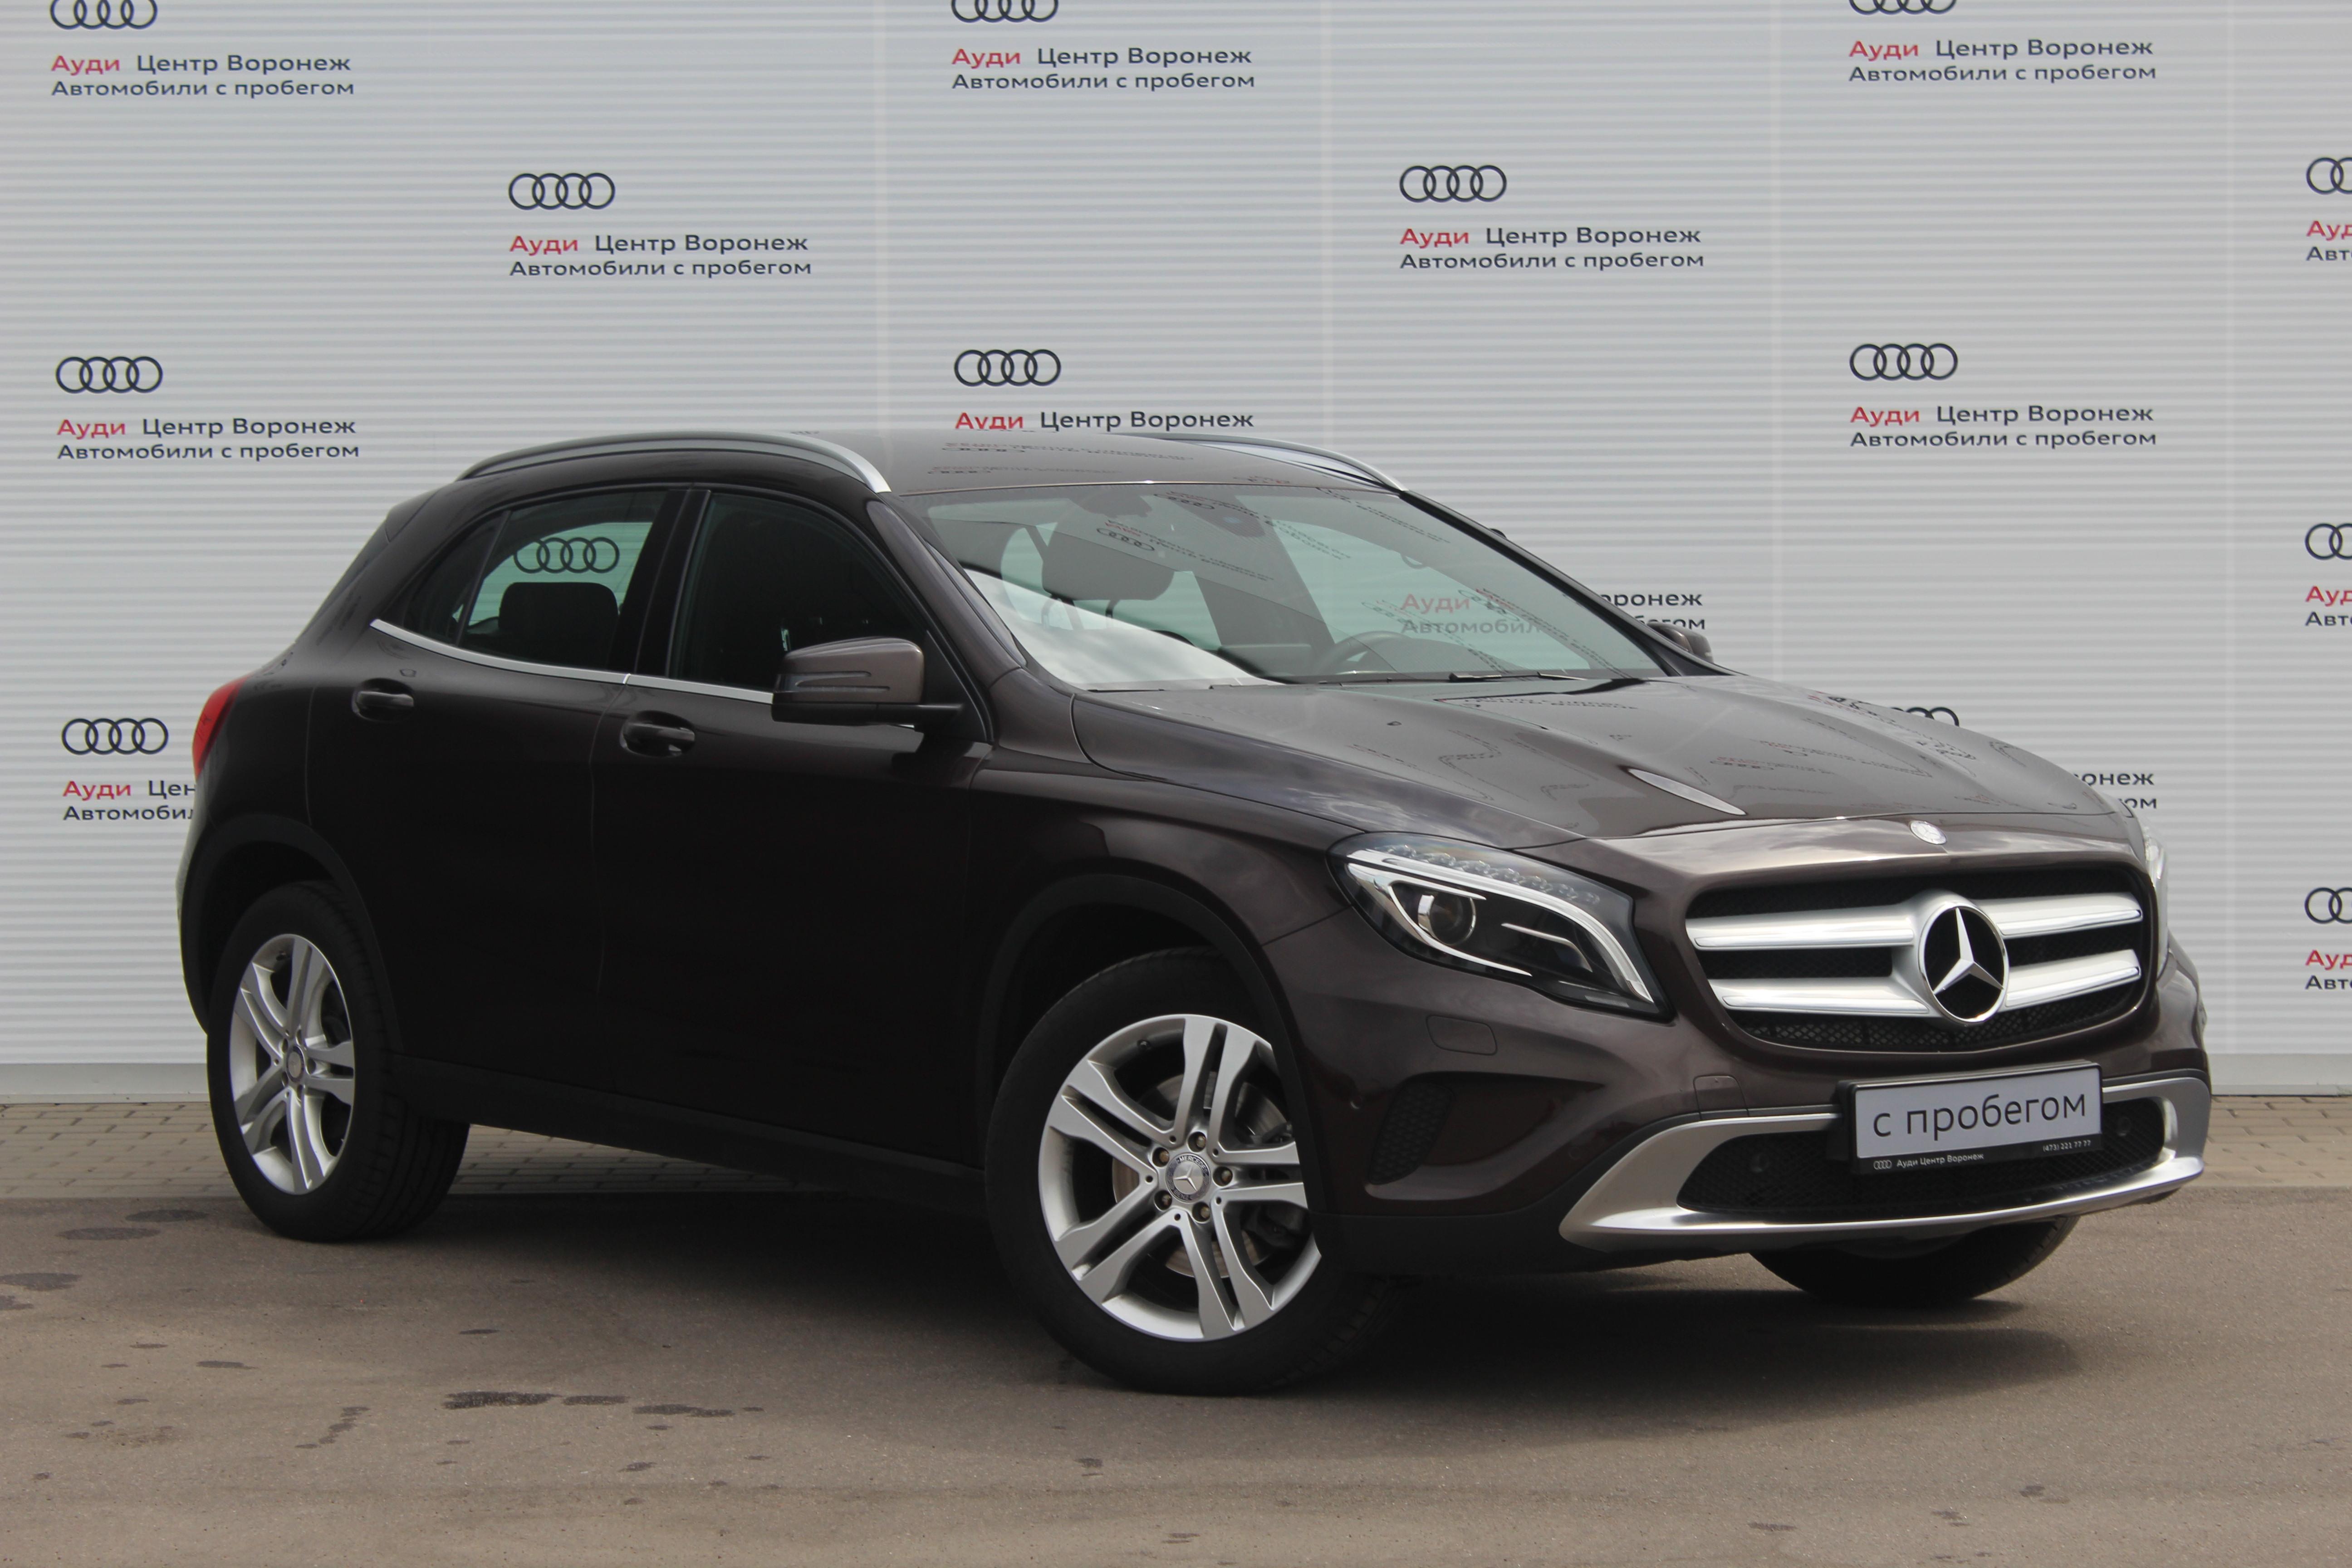 Mercedes-Benz GLA-Класс Внедорожник (2016г.)